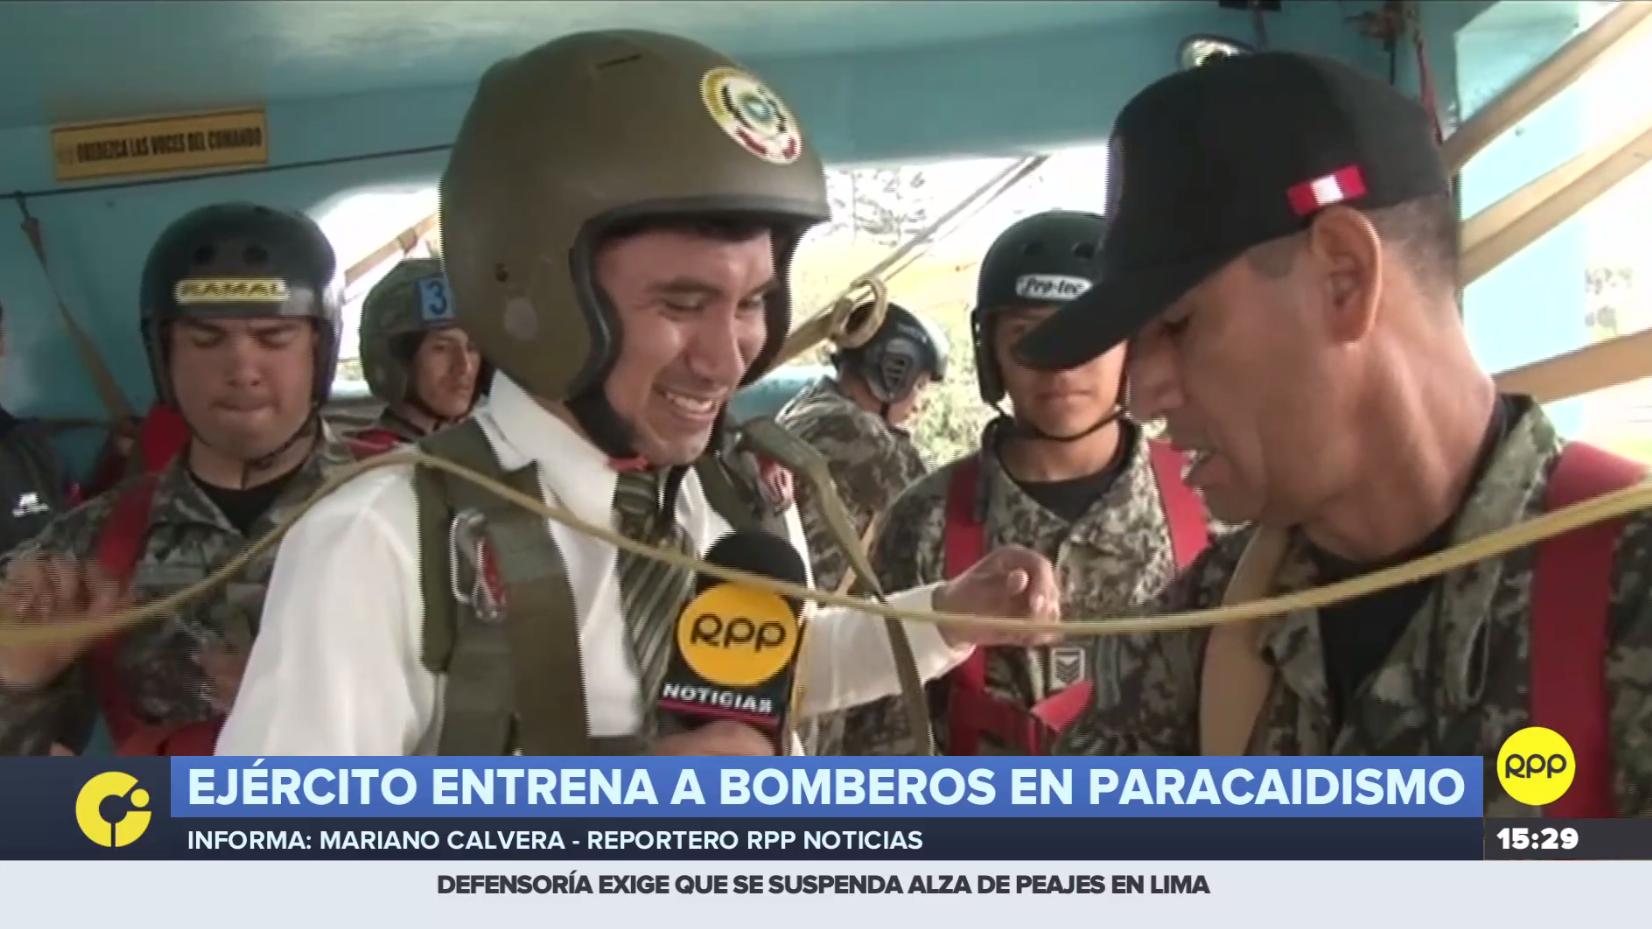 Reportero de RPP salta junto a bomberos que se entrenan en paracaidismo.